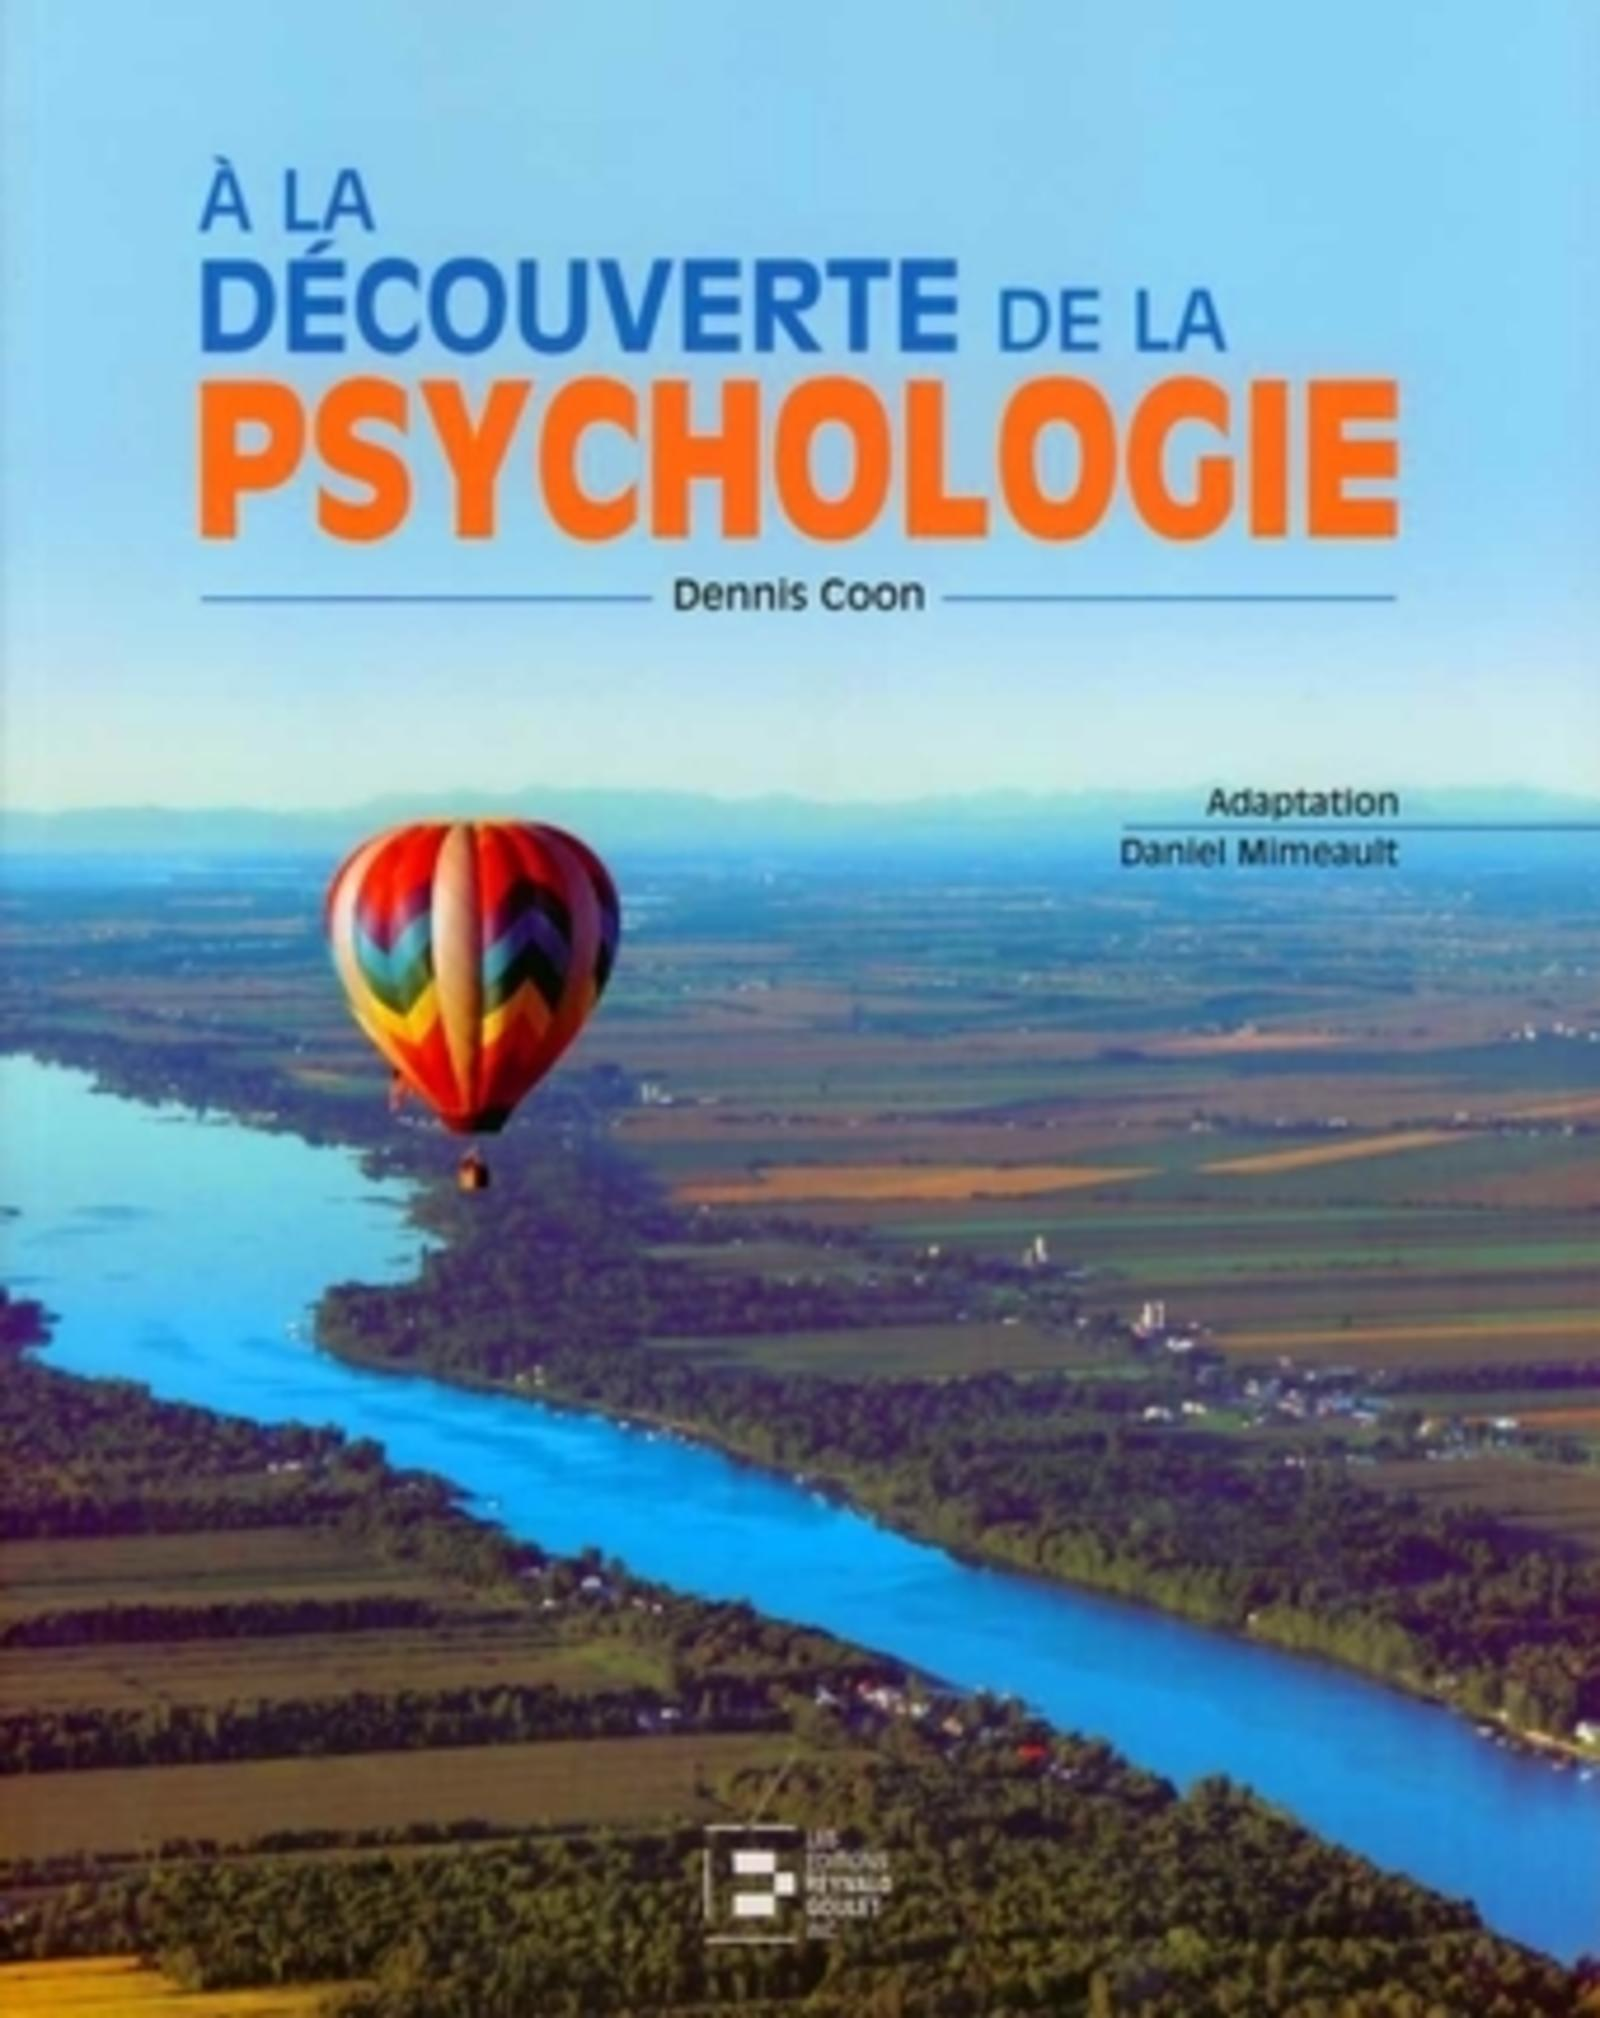 A LA DECOUVERTE DE LA PSYCHOLOGIE